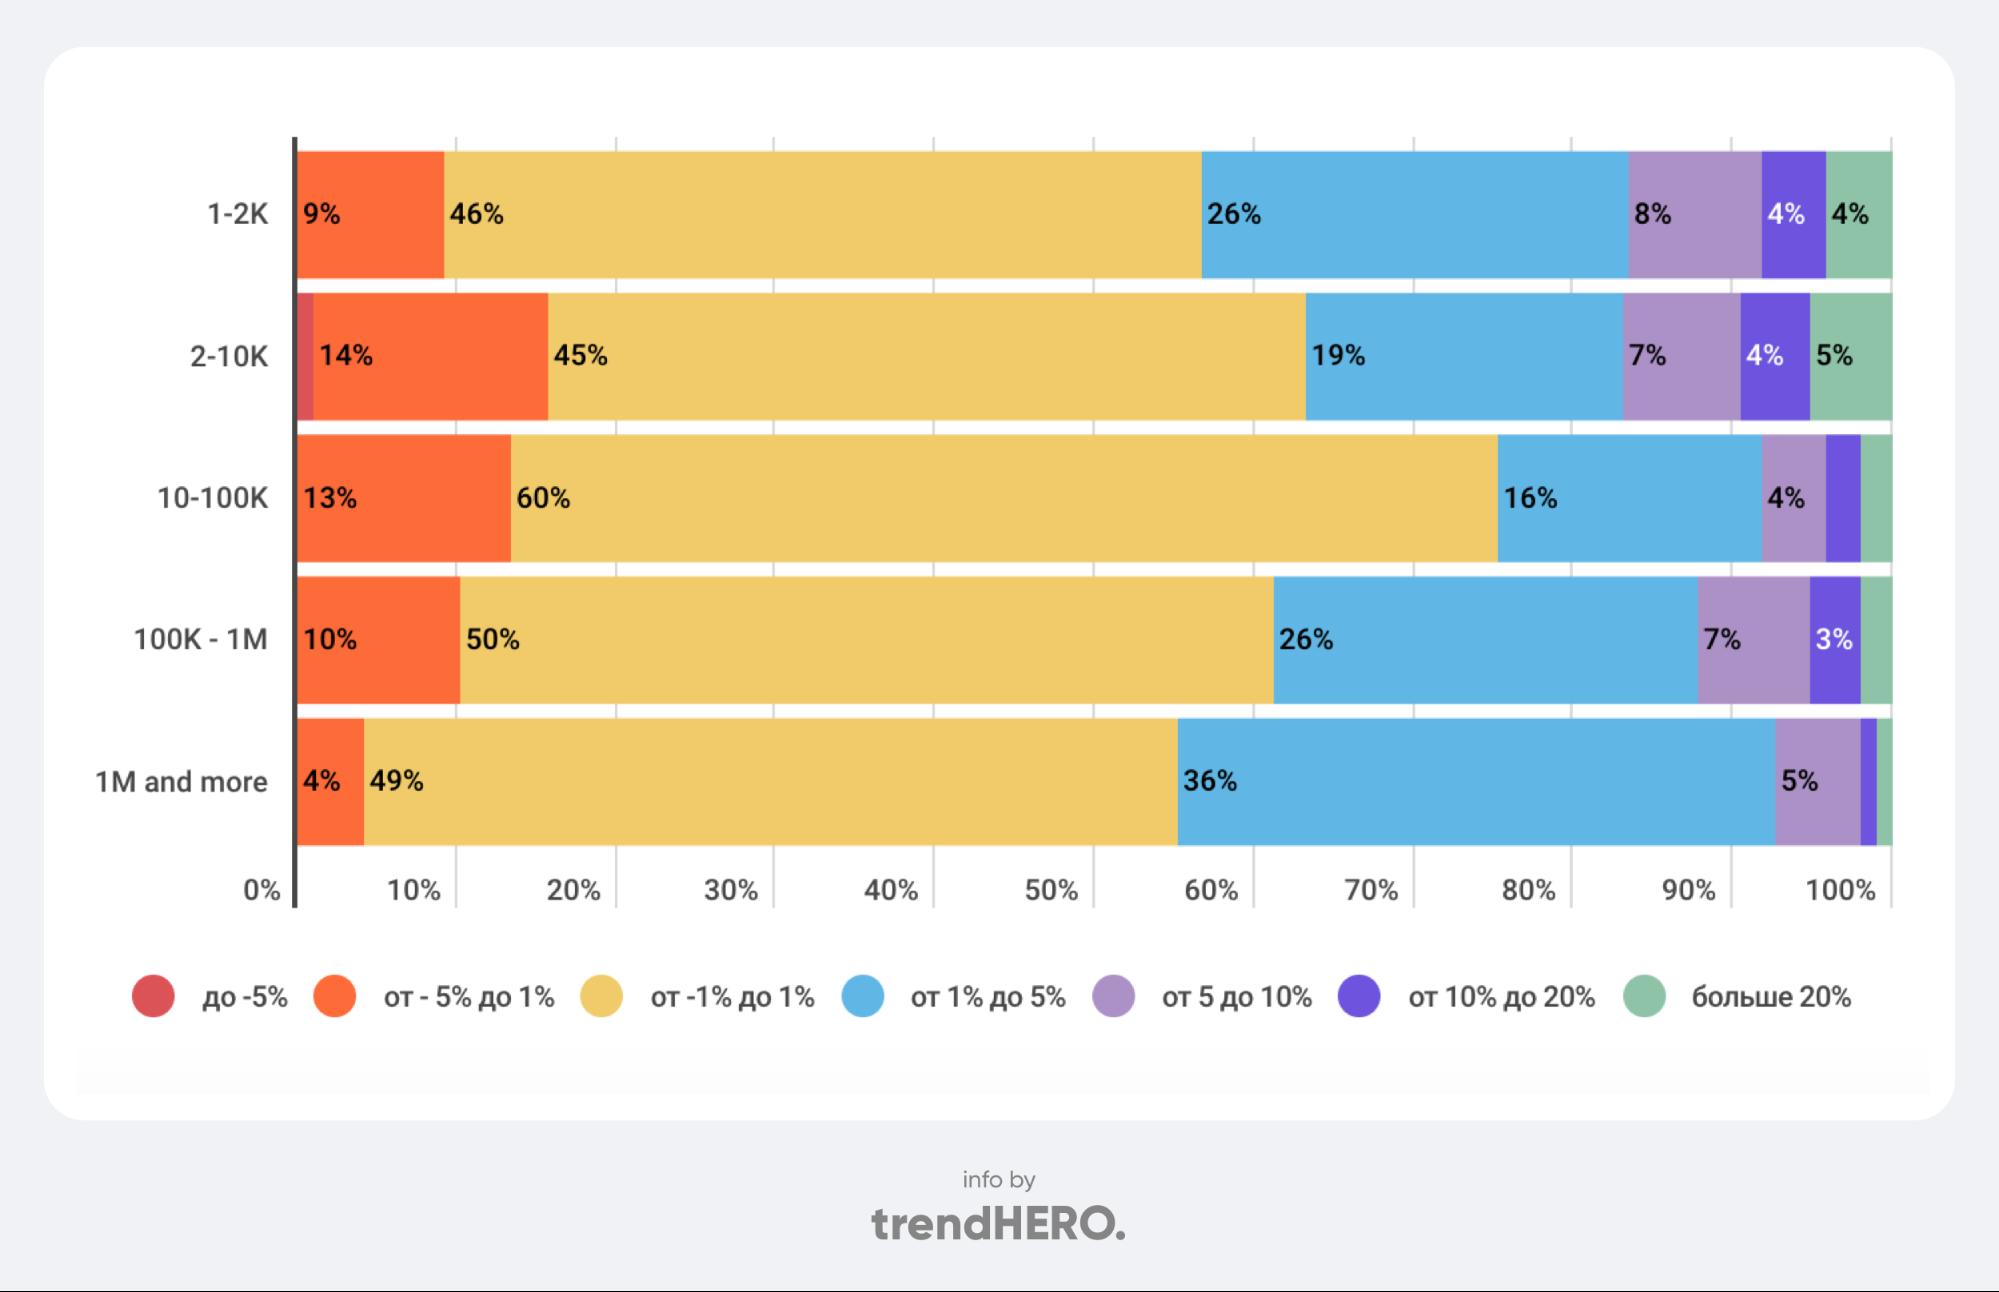 Как «растут» аккаунты в Инстаграме в США?